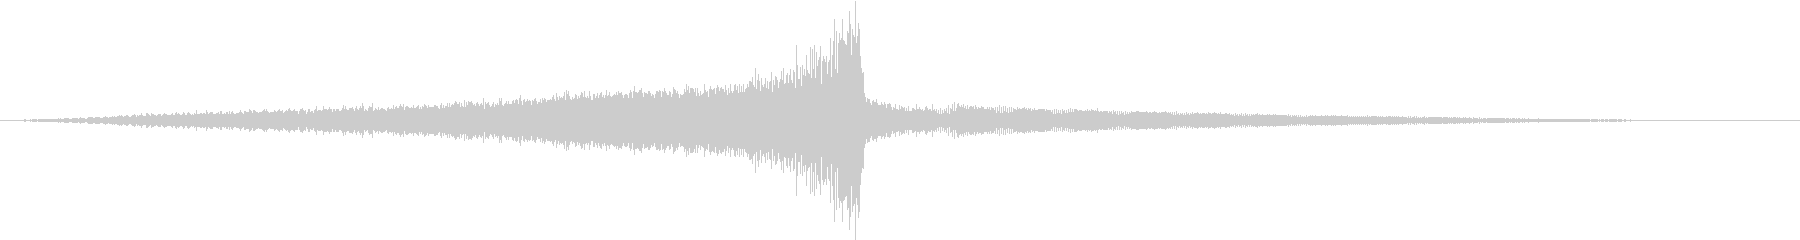 圧倒的なサウンドデザイン_タイトルロゴの未再生の波形